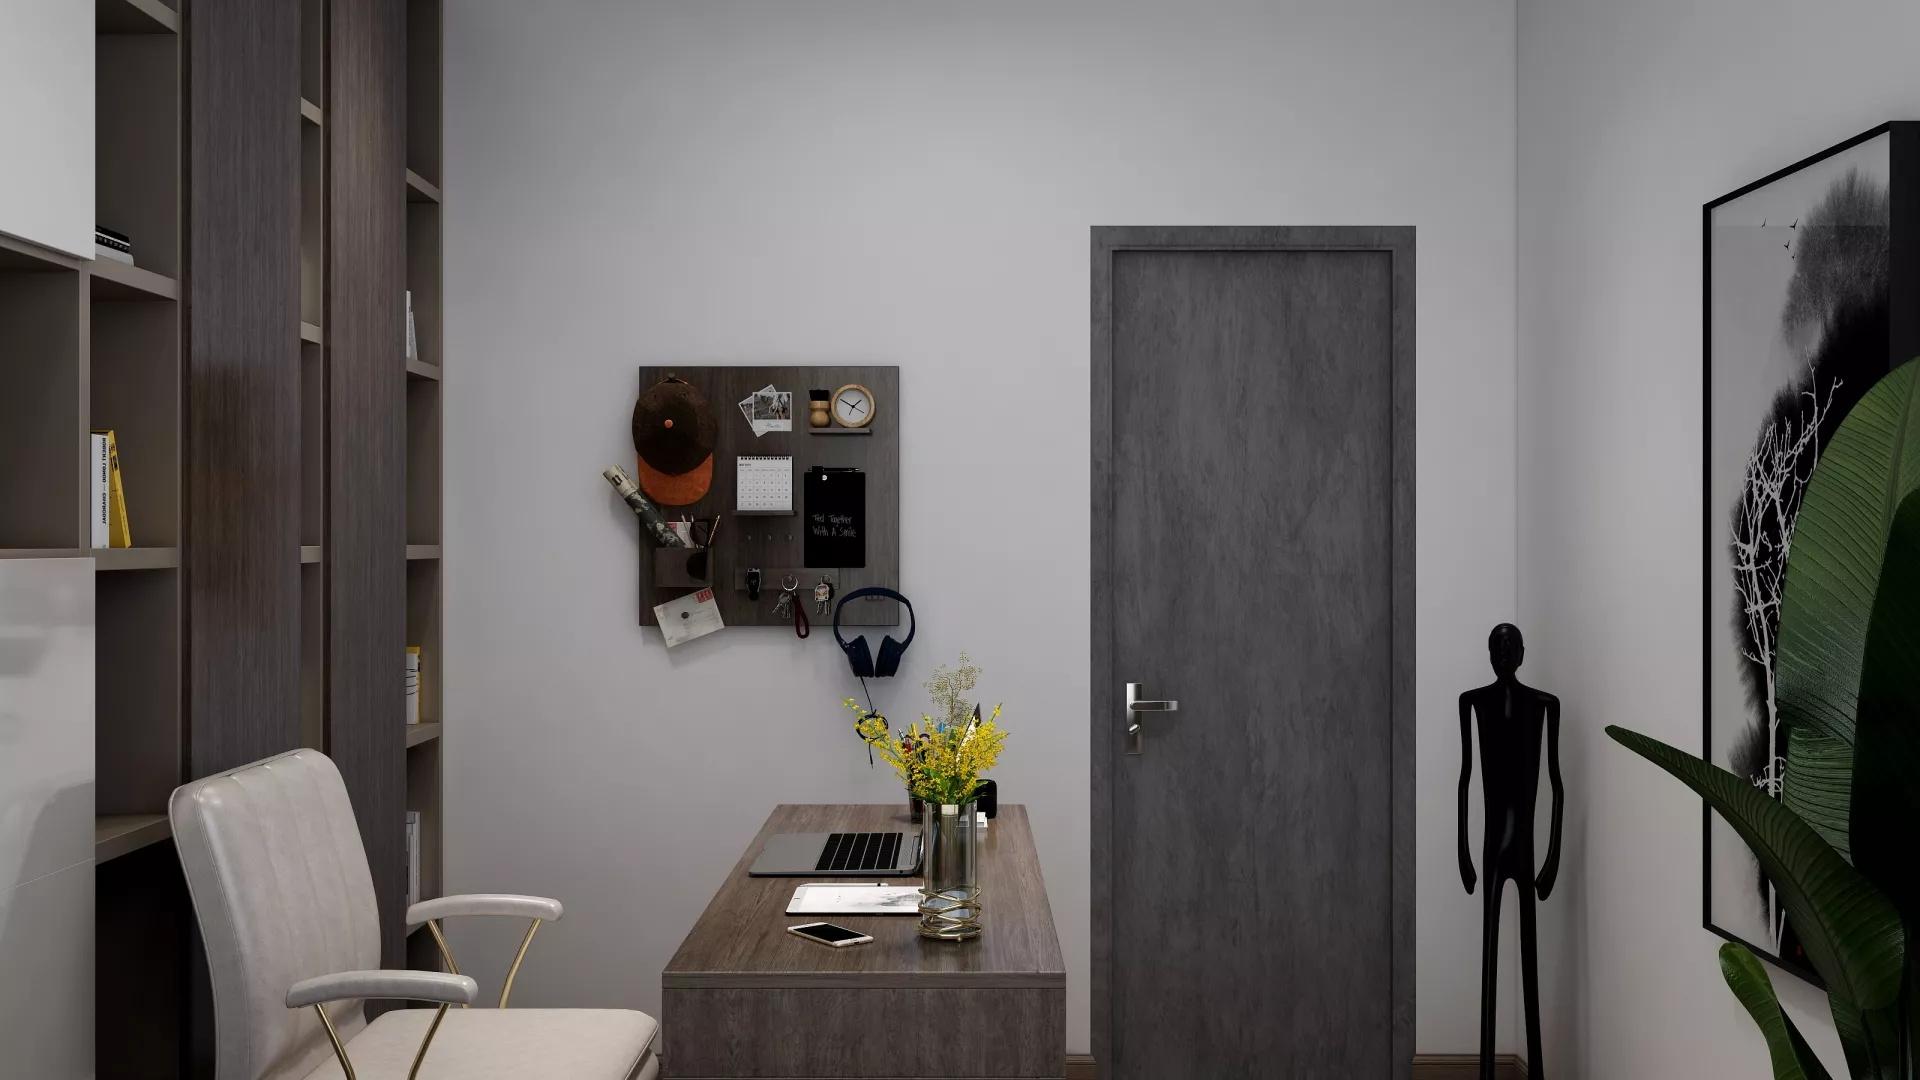 瓷砖填缝剂用什么颜色 如何选瓷砖填缝剂